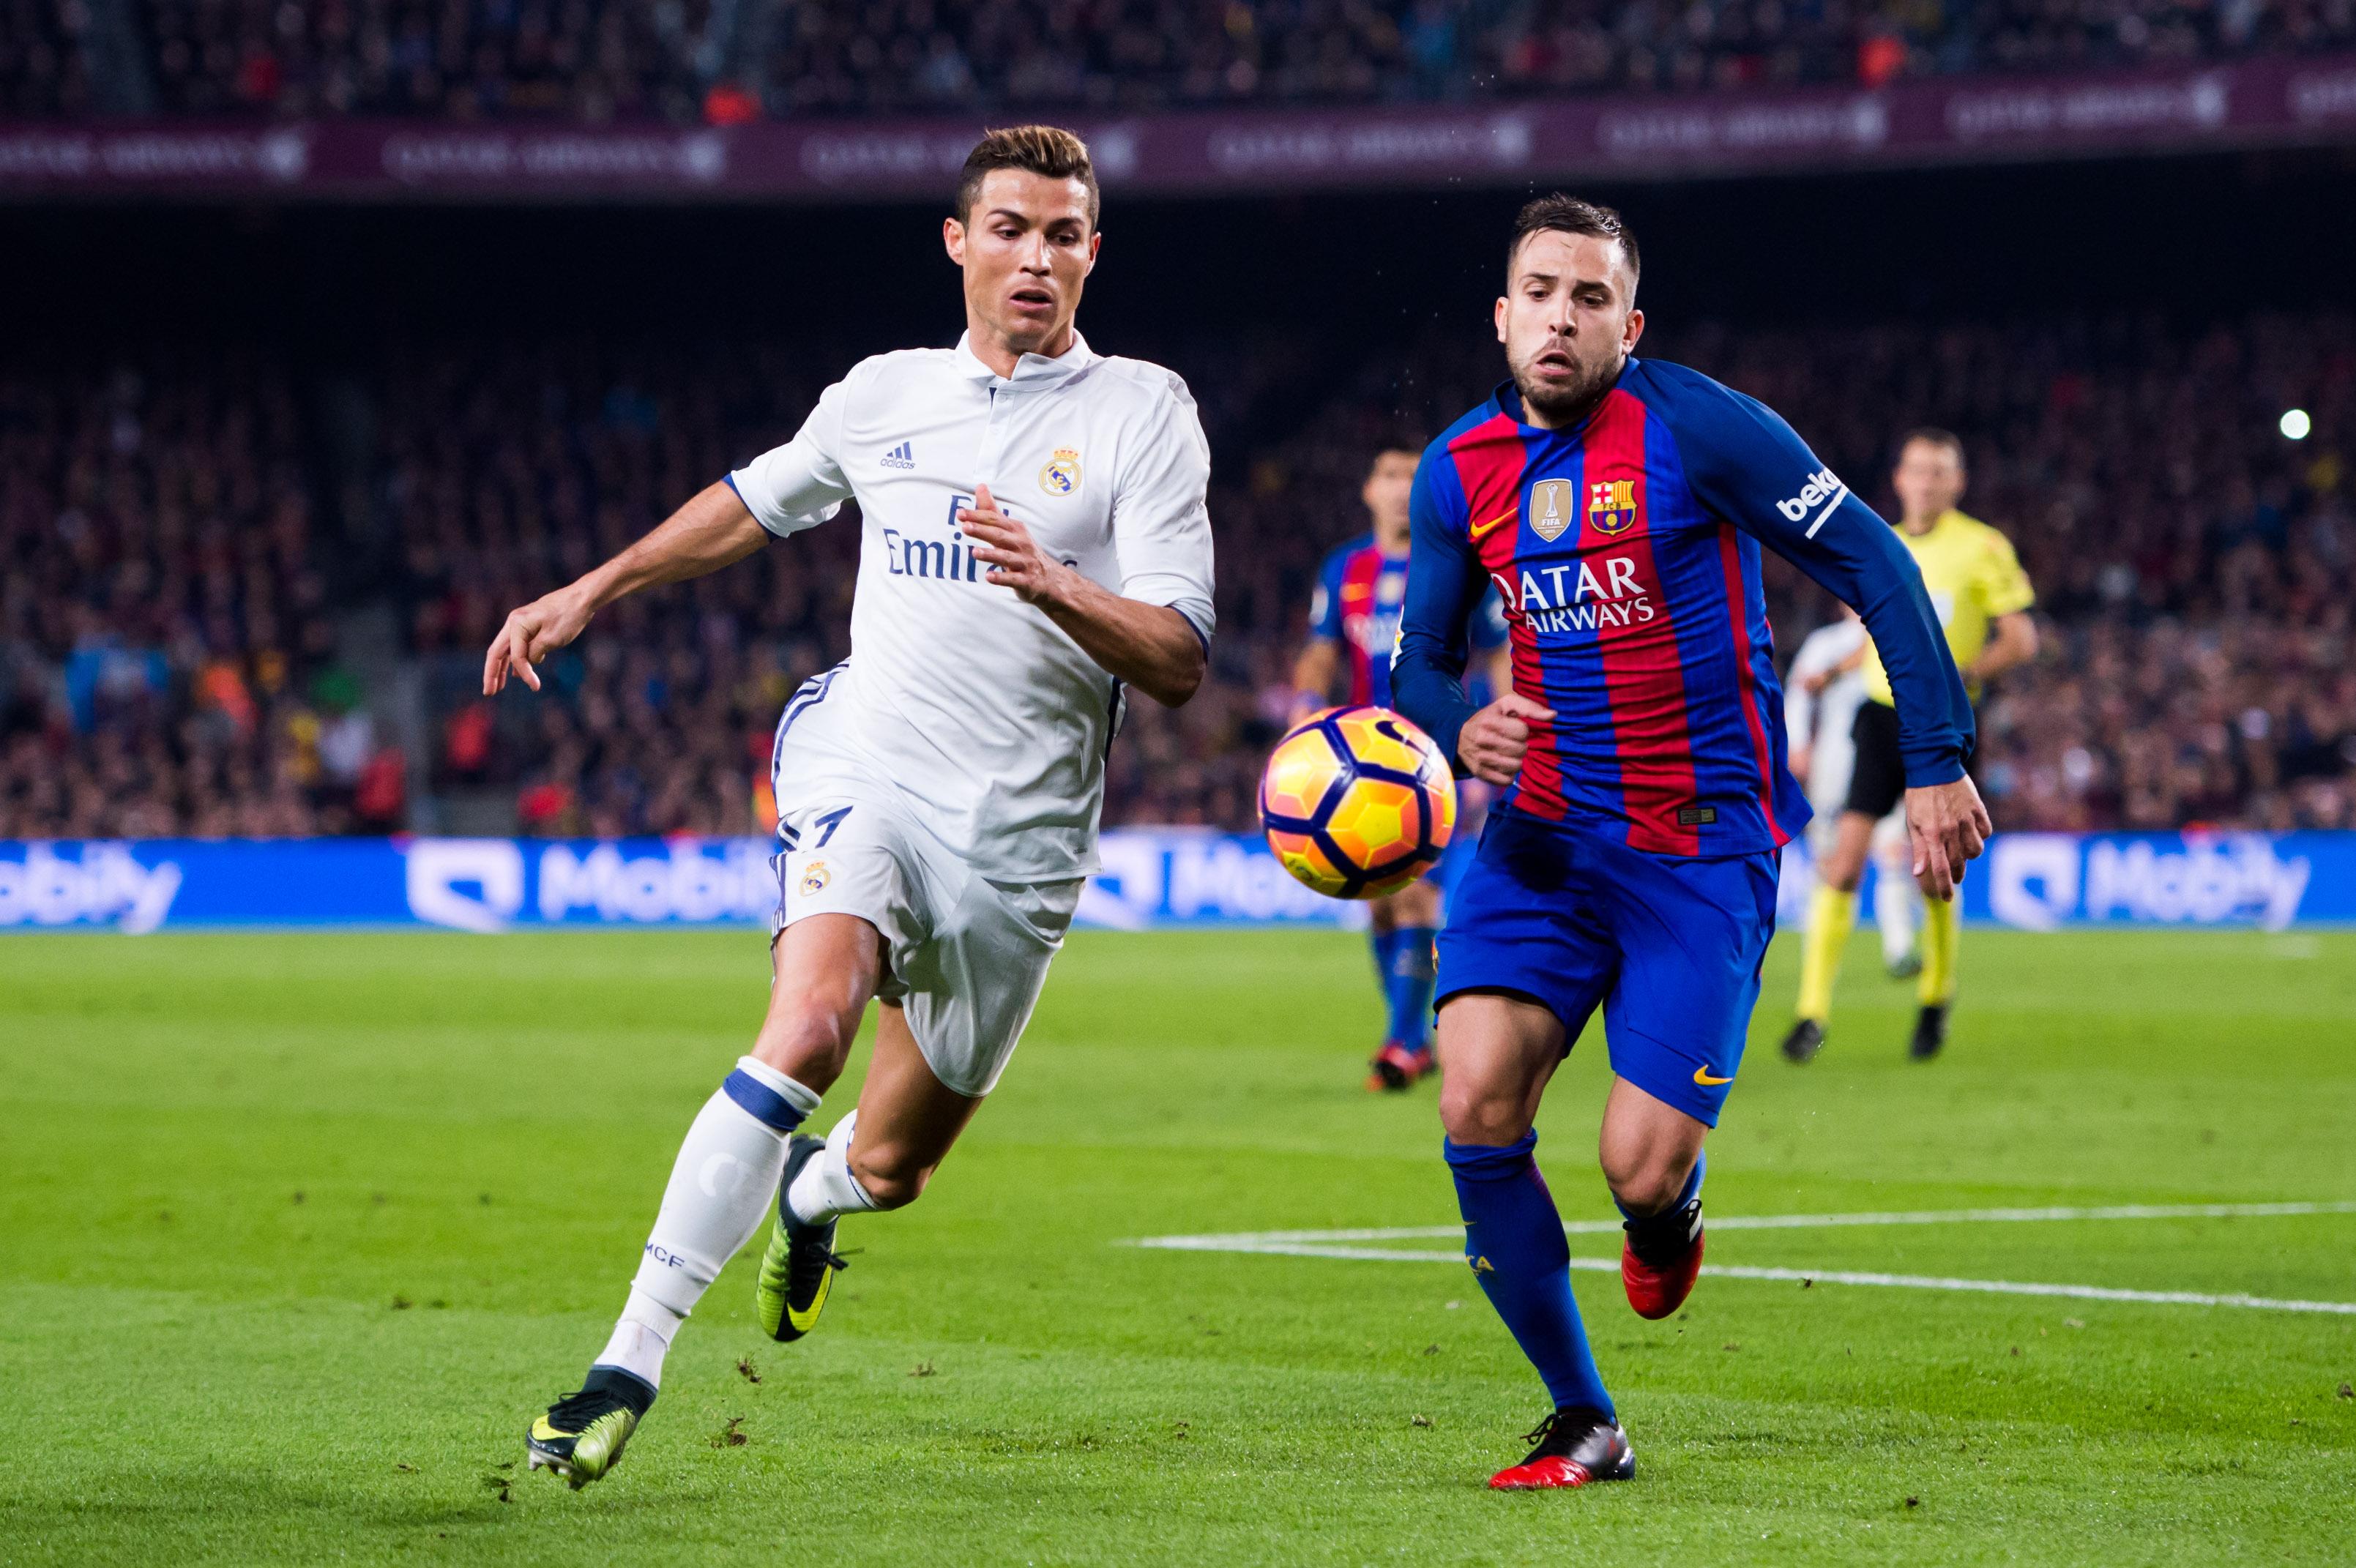 Барселона отбукмекеров: Прогноз наматч Реал